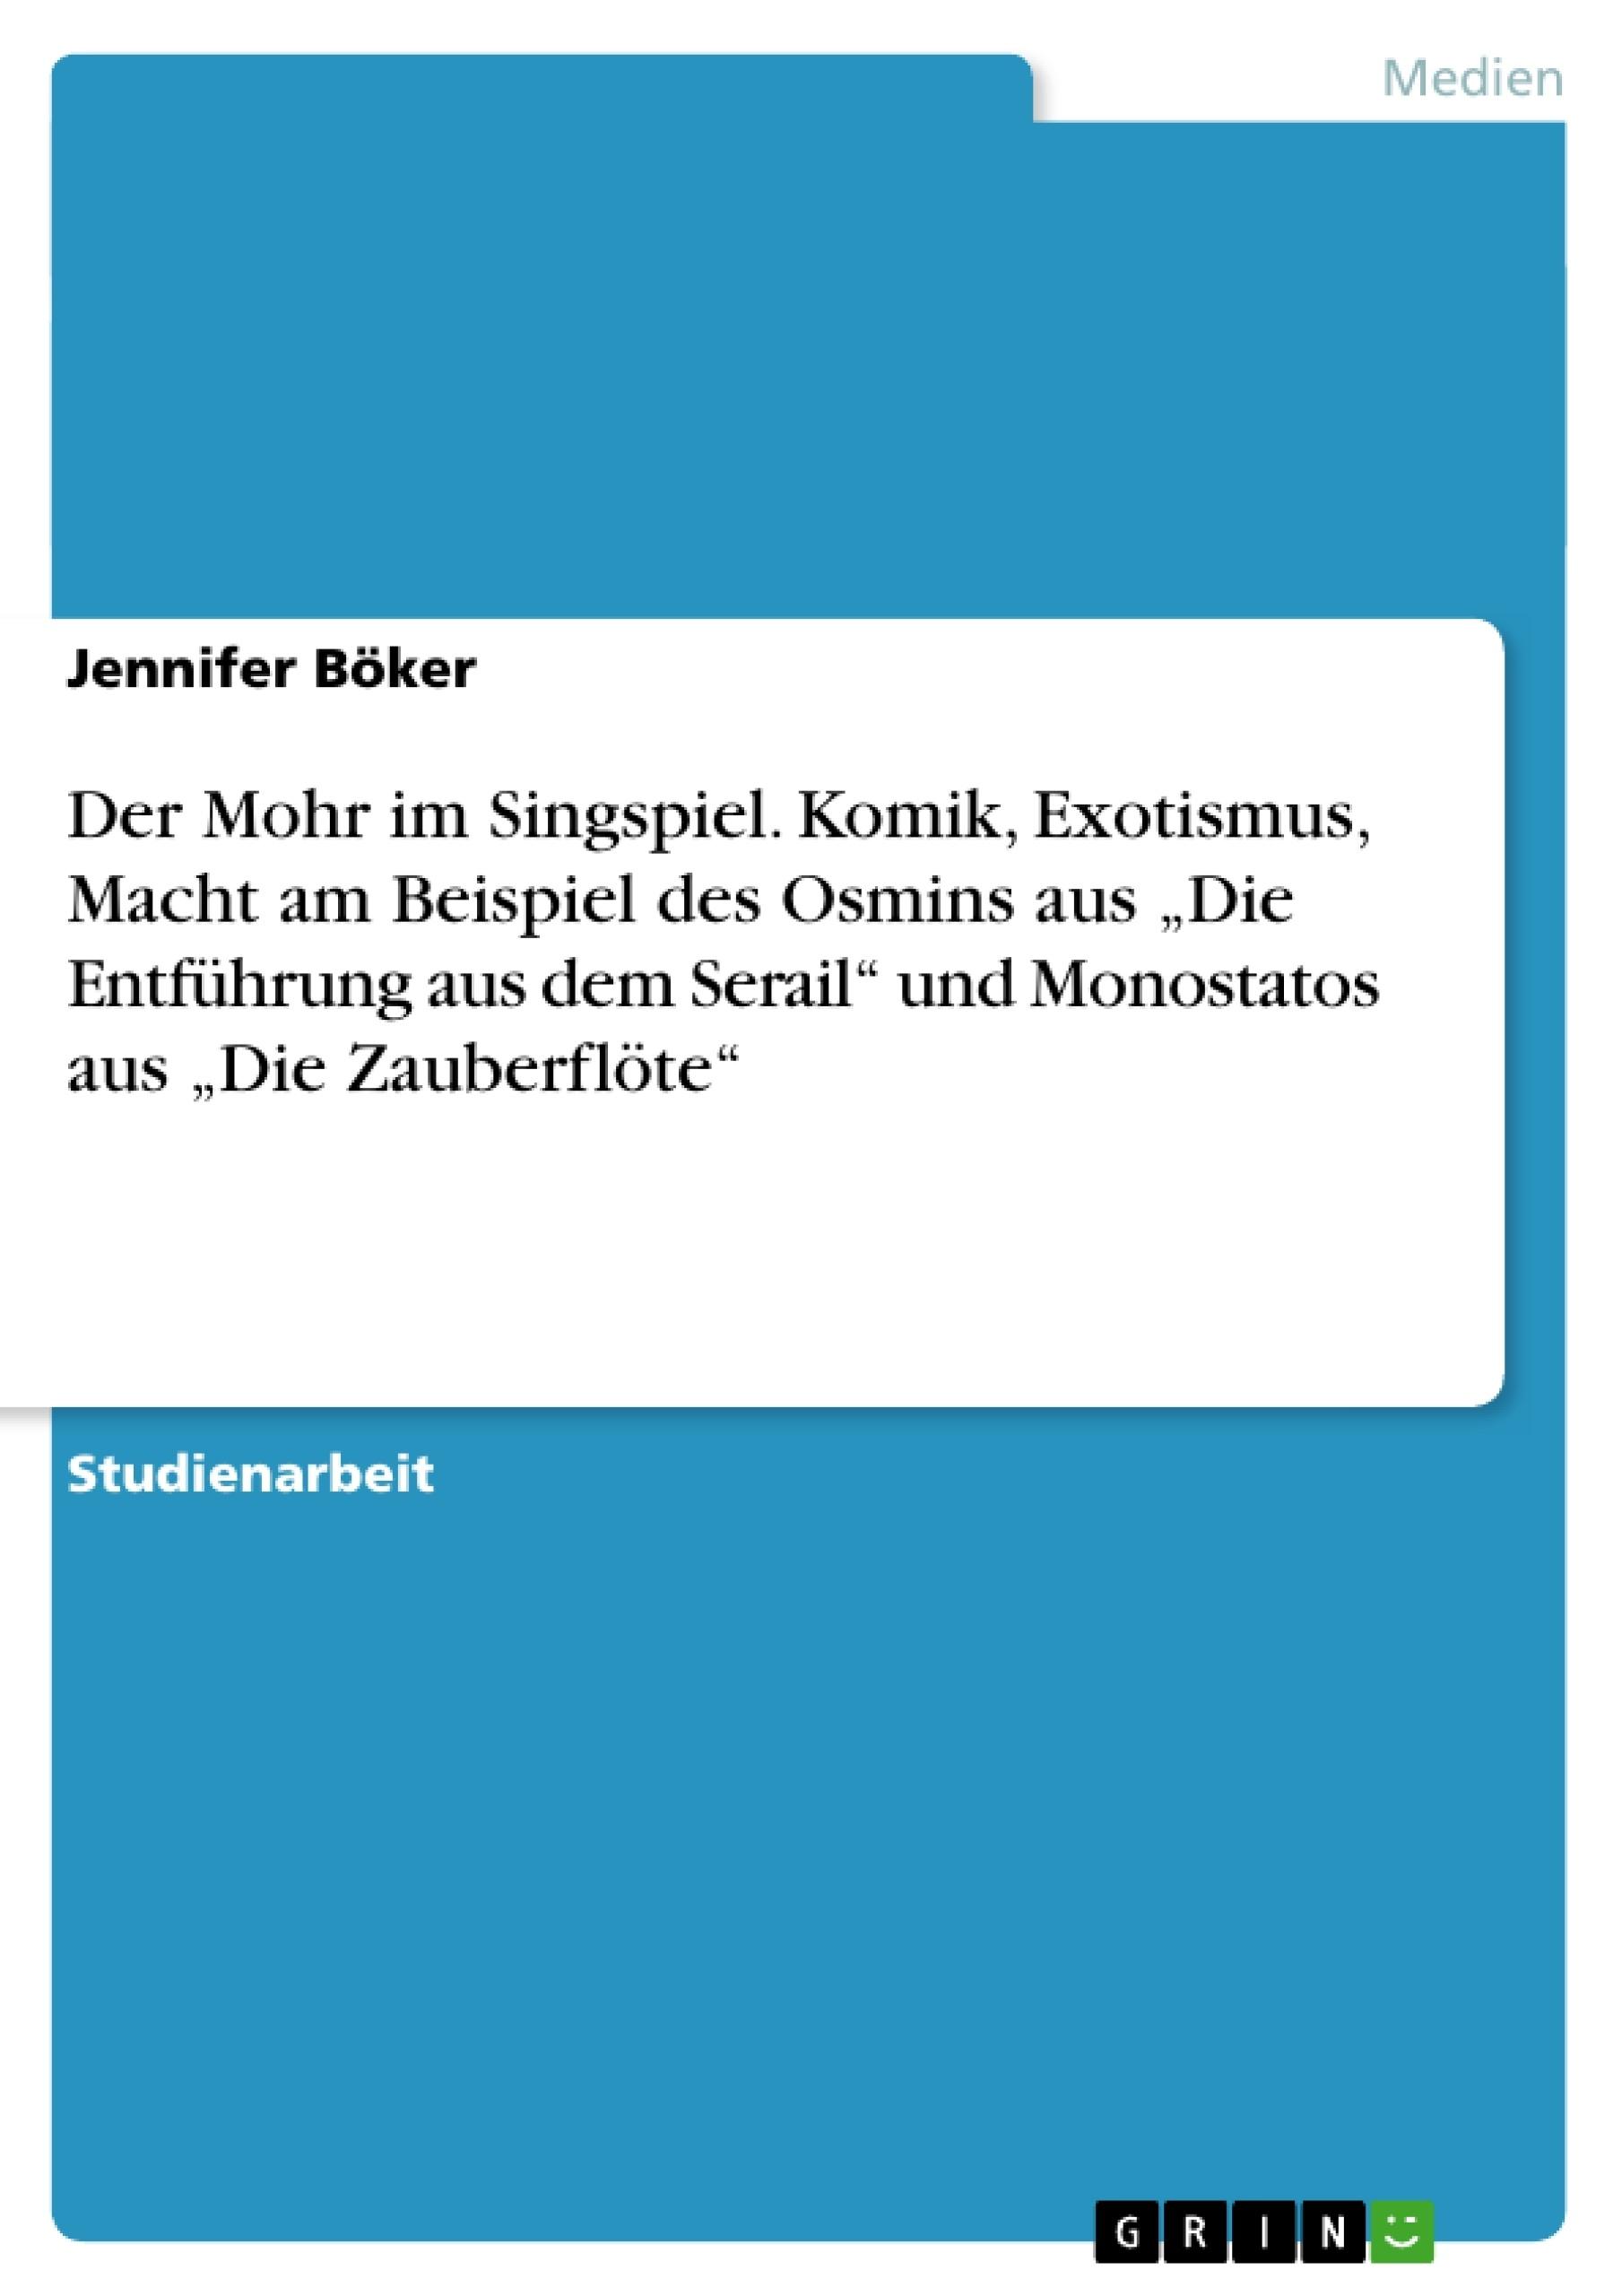 """Titel: Der Mohr im Singspiel. Komik, Exotismus, Macht am Beispiel des Osmins aus """"Die Entführung aus dem Serail"""" und Monostatos aus """"Die Zauberflöte"""""""